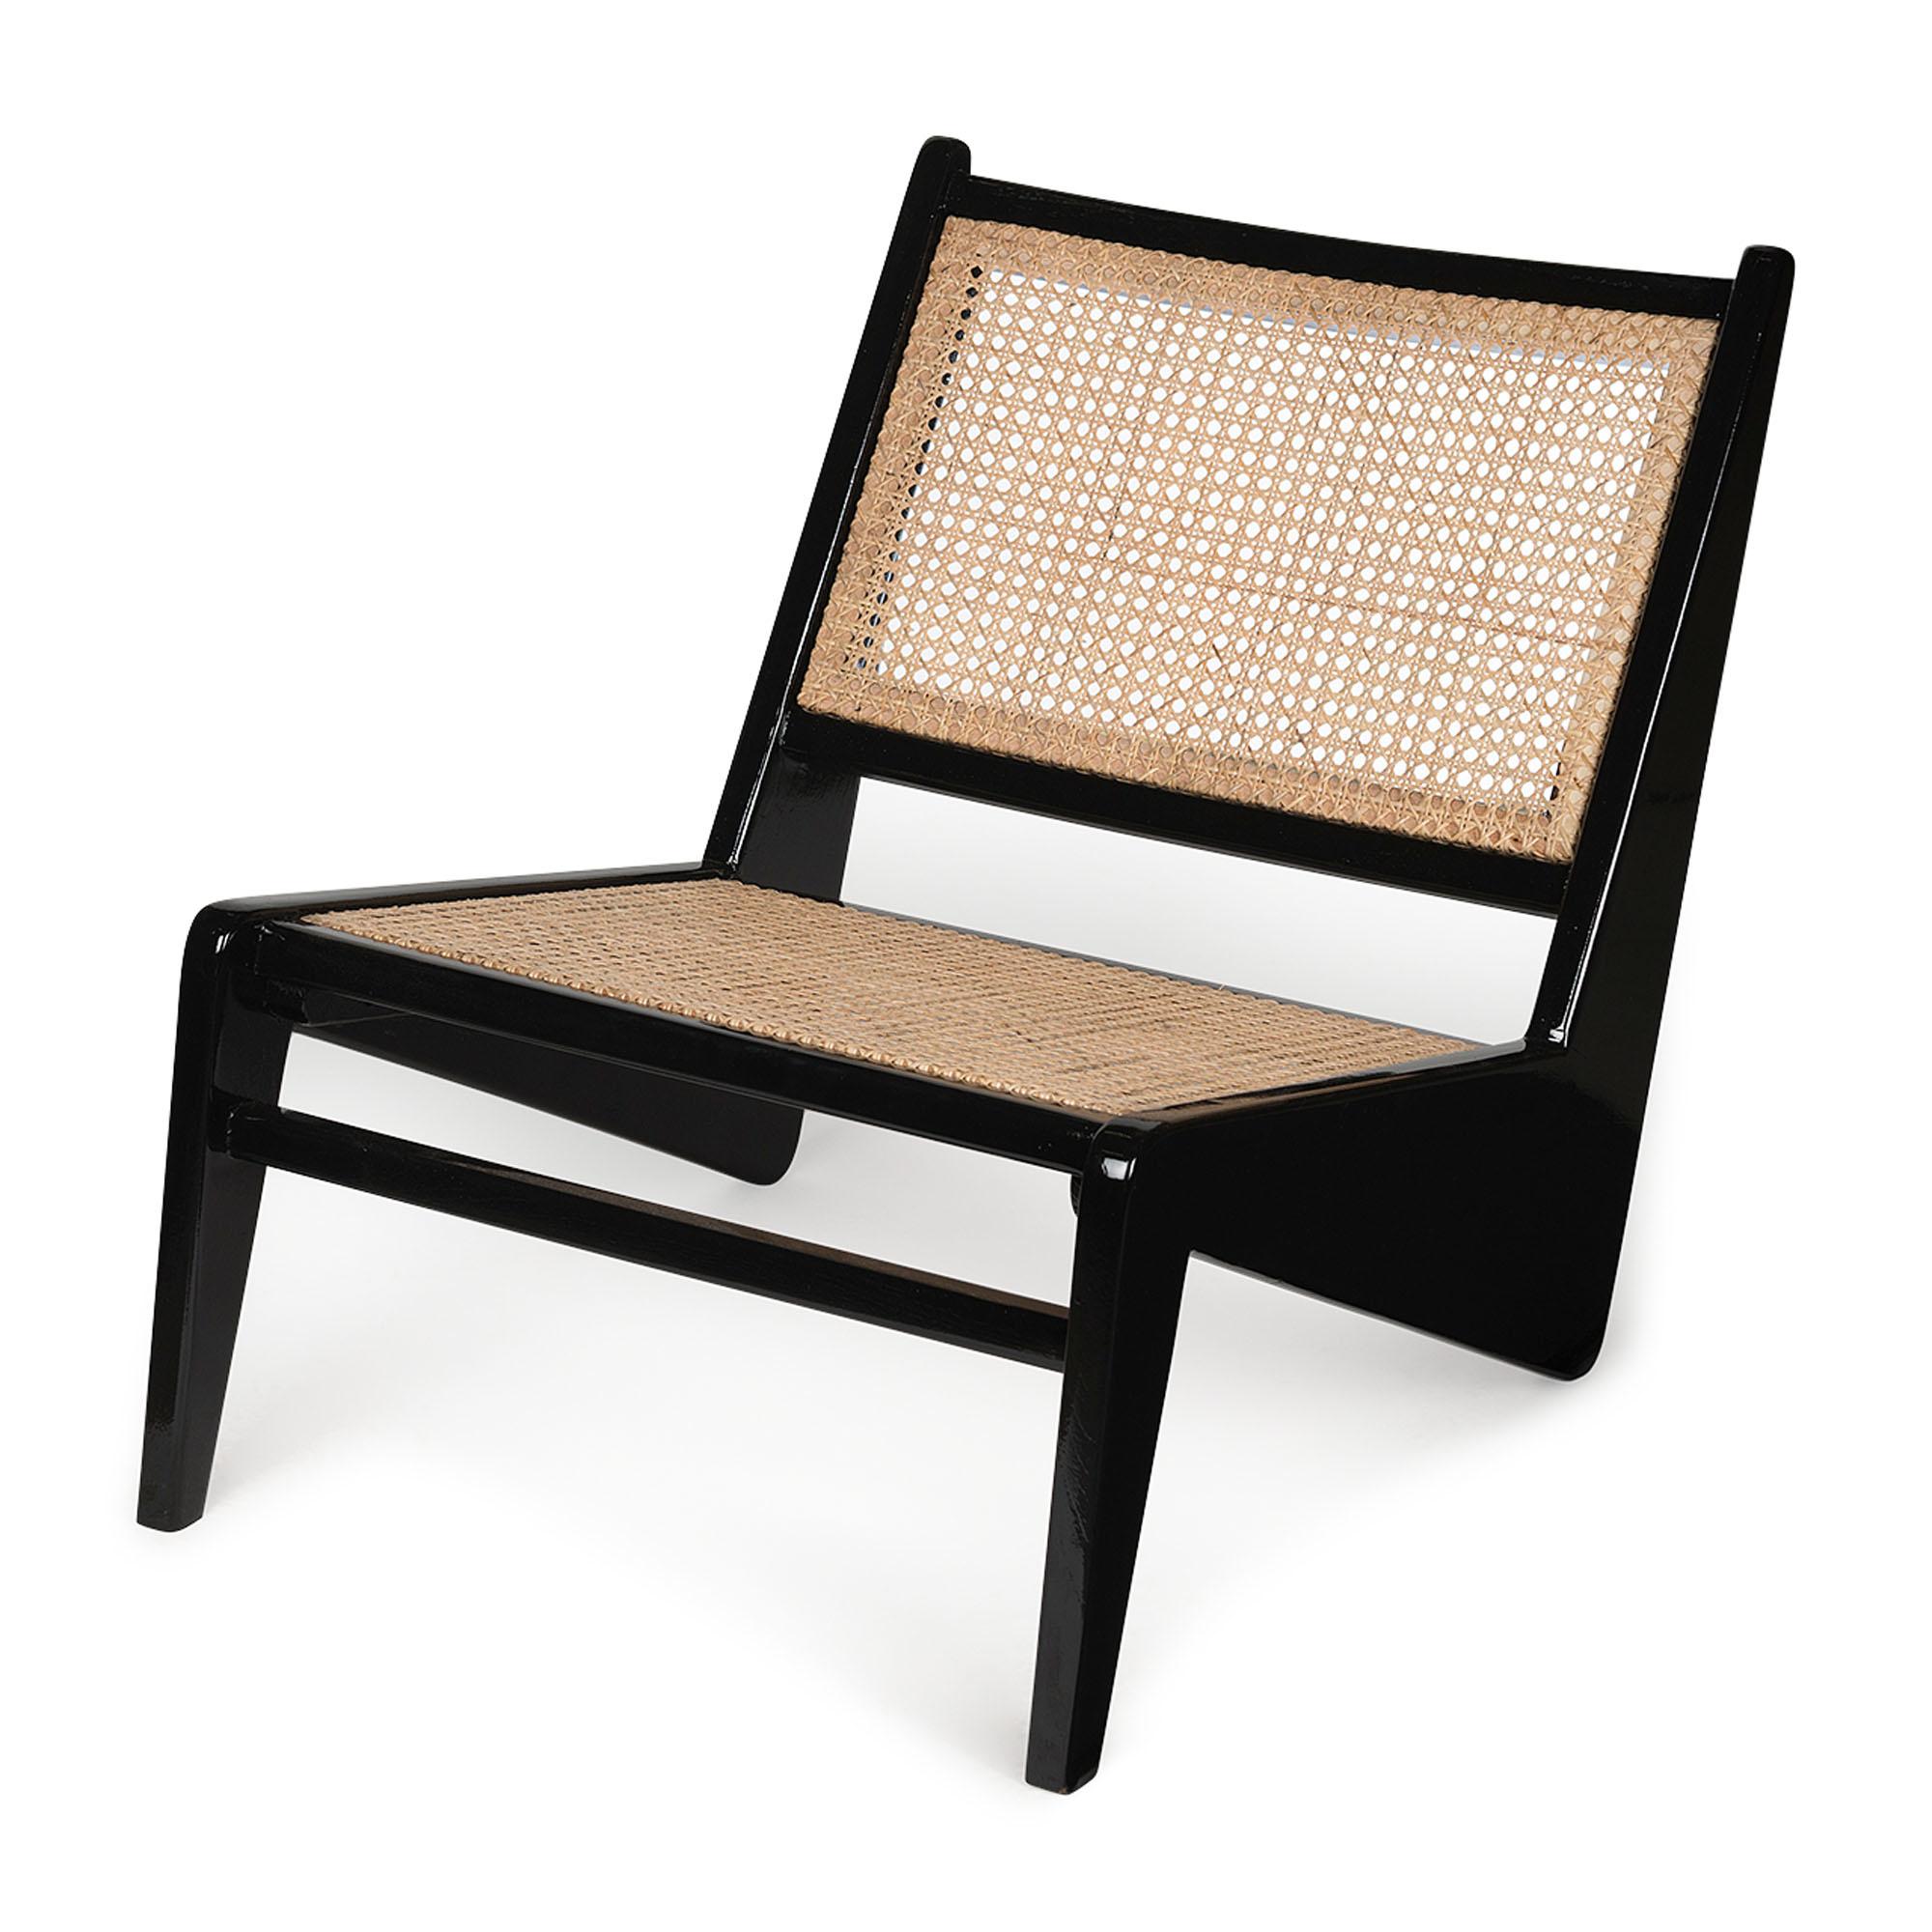 Kangaroo Chair - Charcoal Black Hoogglans-1